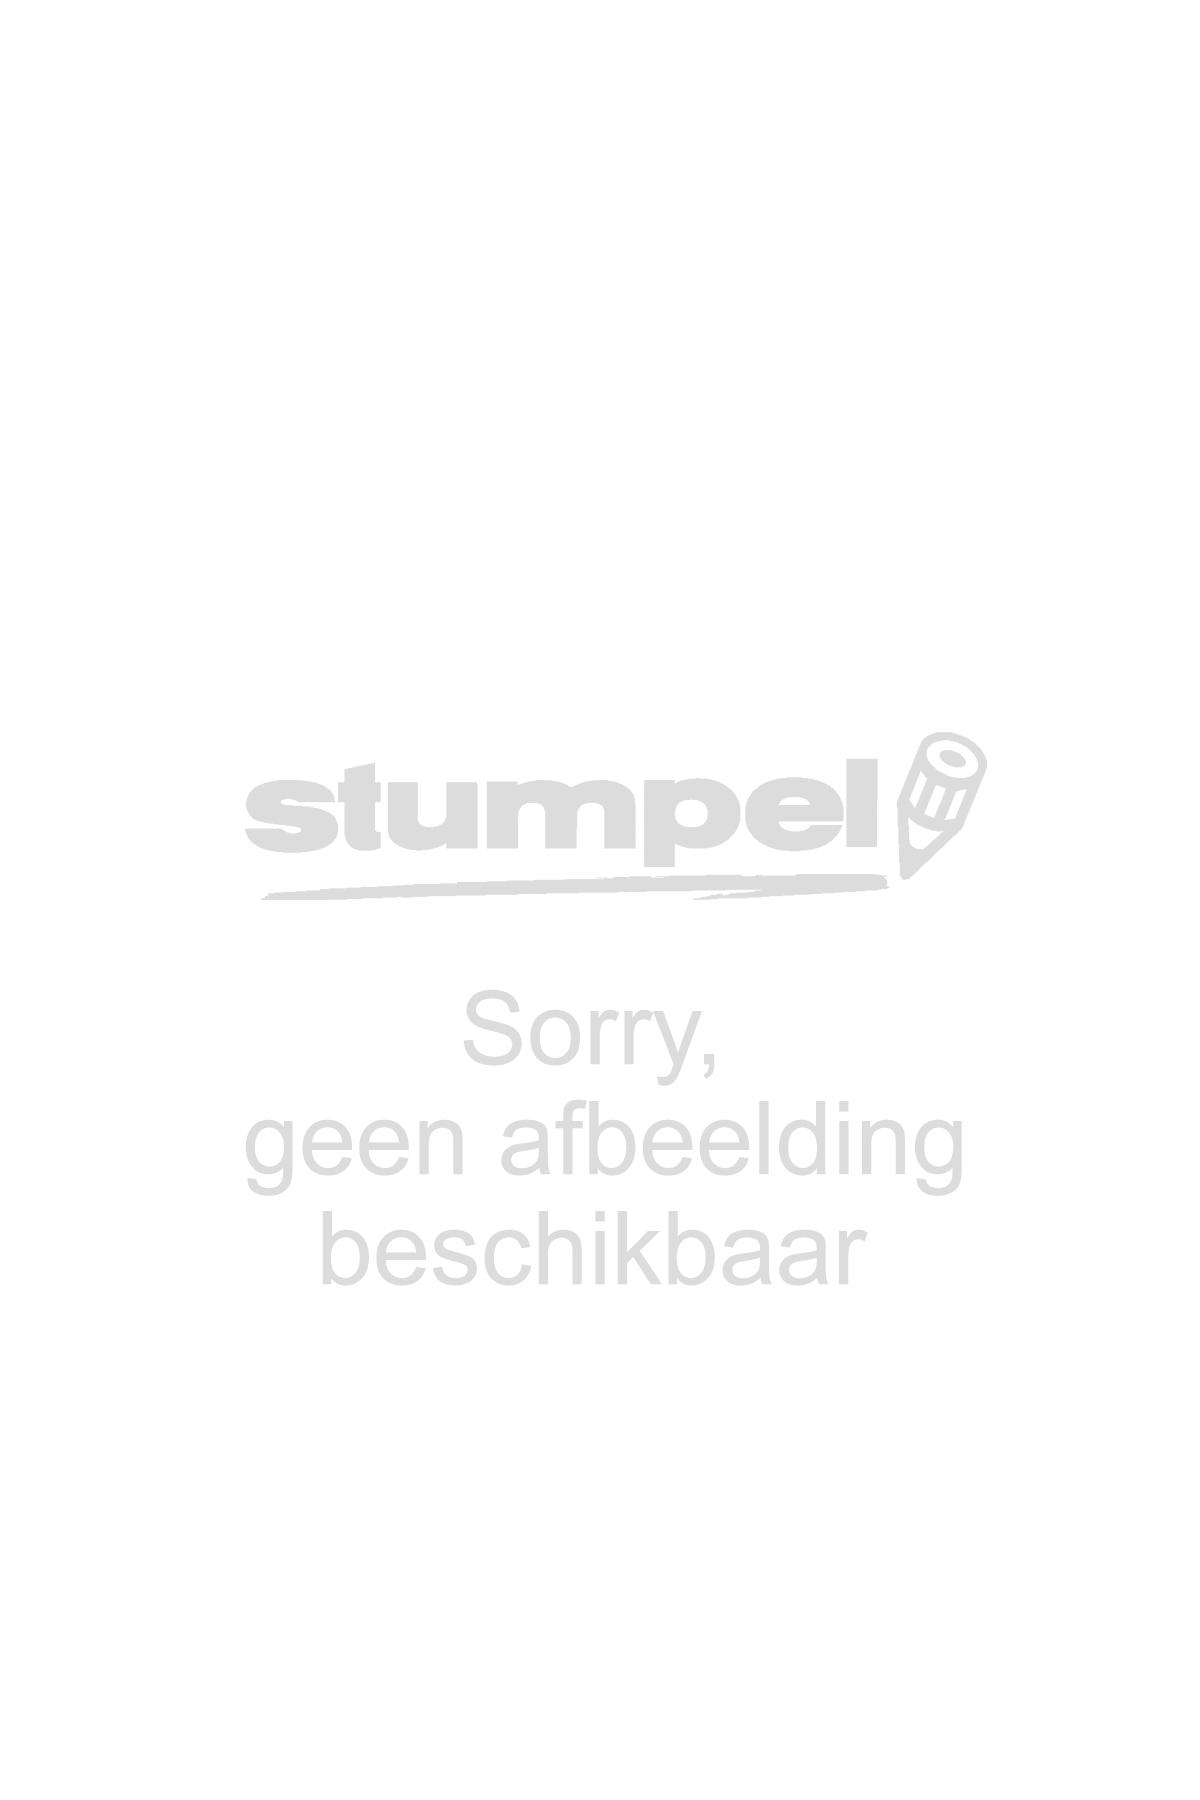 markeerstift-stabilo-7124-luminator-geel-635045